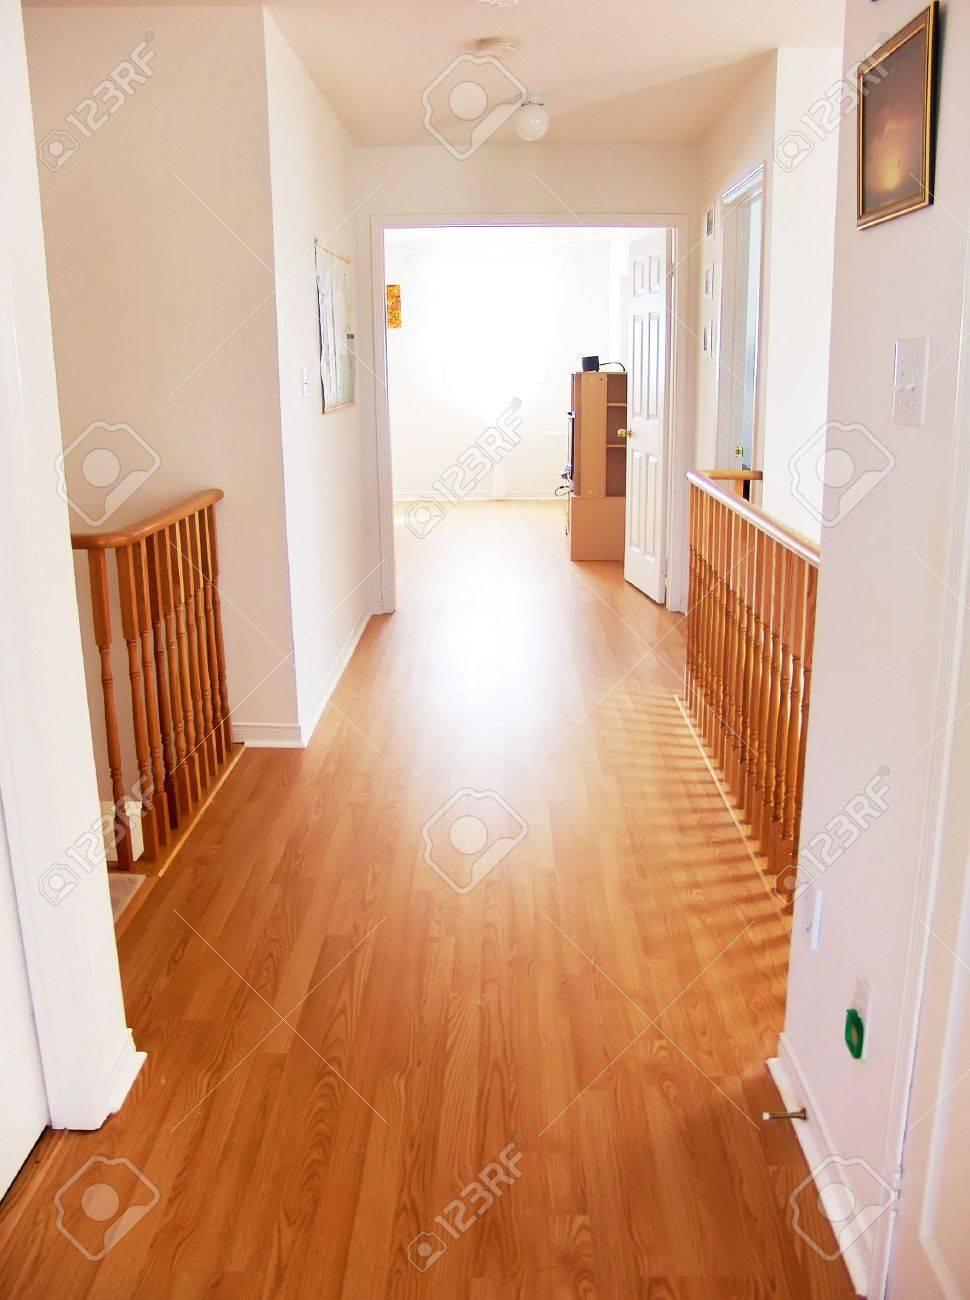 Fesselnd Leere Korridor In New House Führt Zu Helles Licht Fenster Standard Bild    2933240